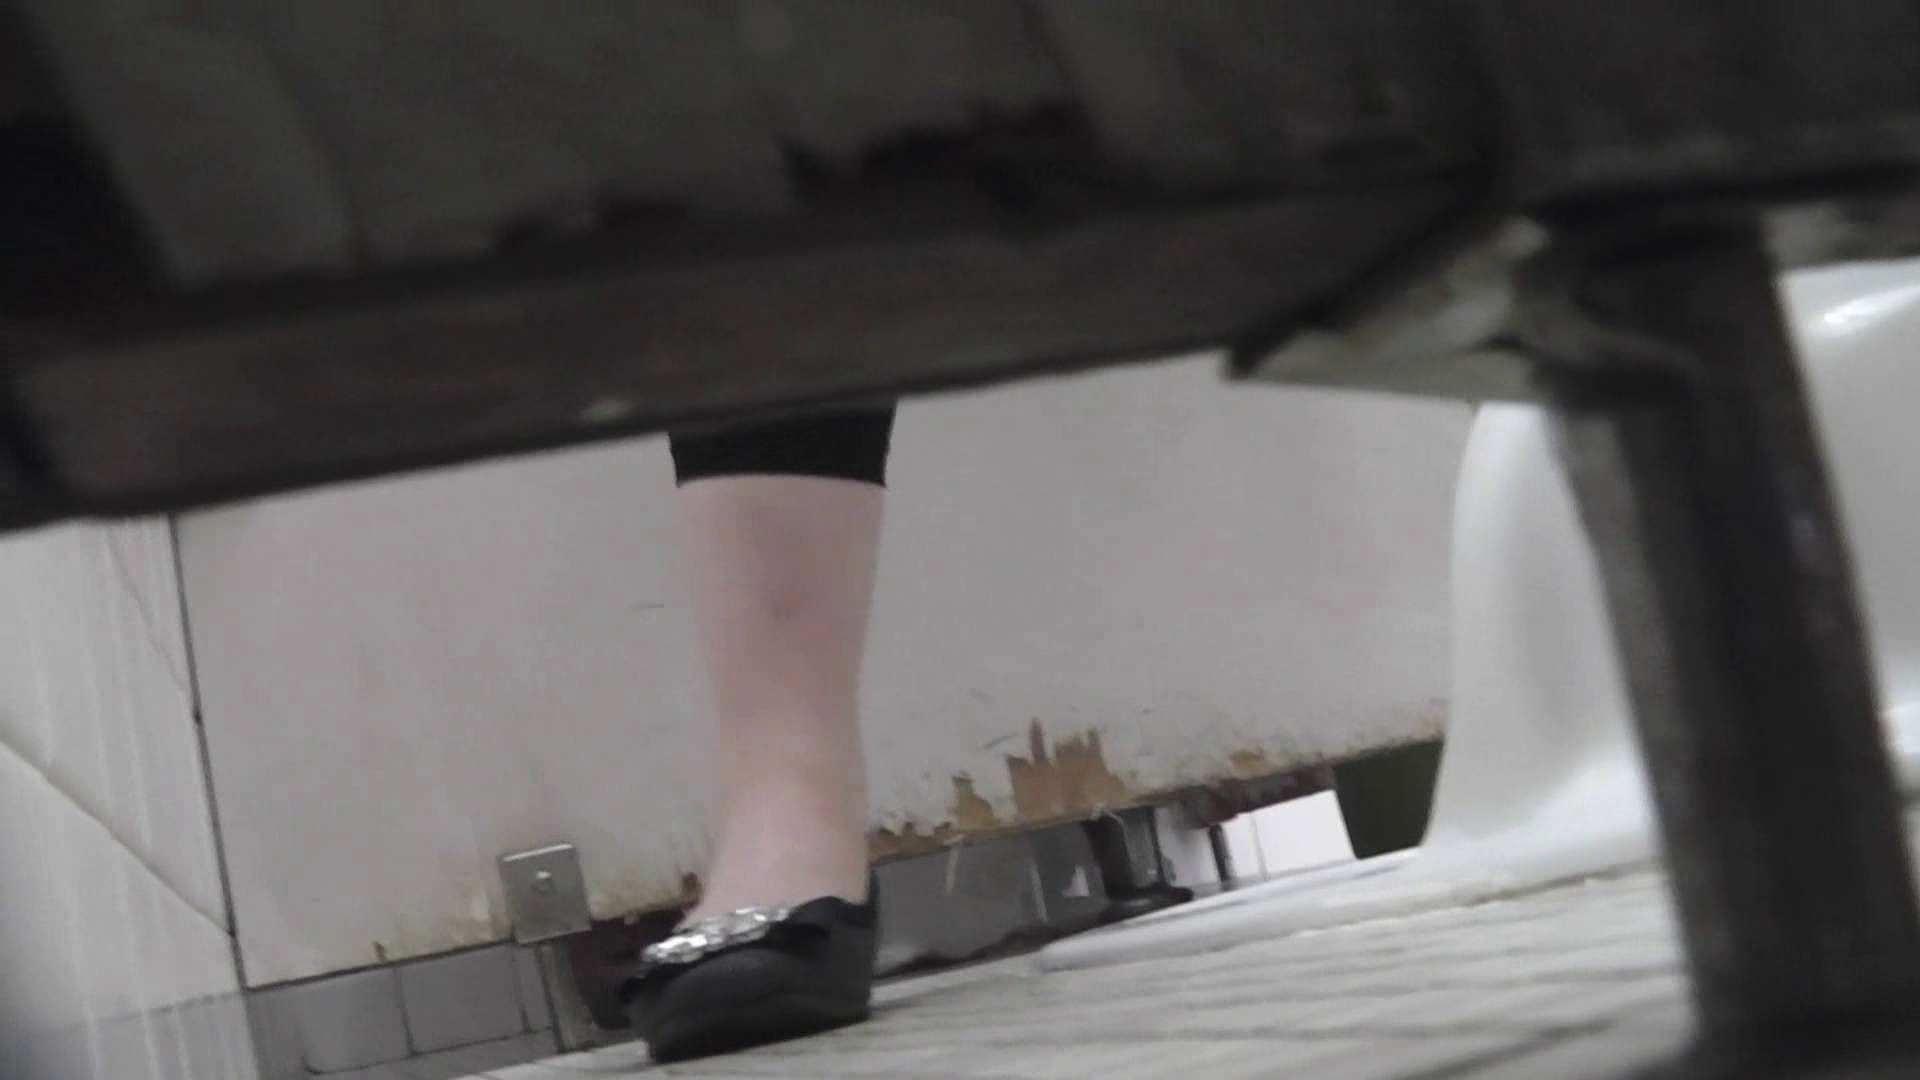 洗面所特攻隊 vol.002今回も鮮明です 高画質動画 AV動画キャプチャ 69画像 25